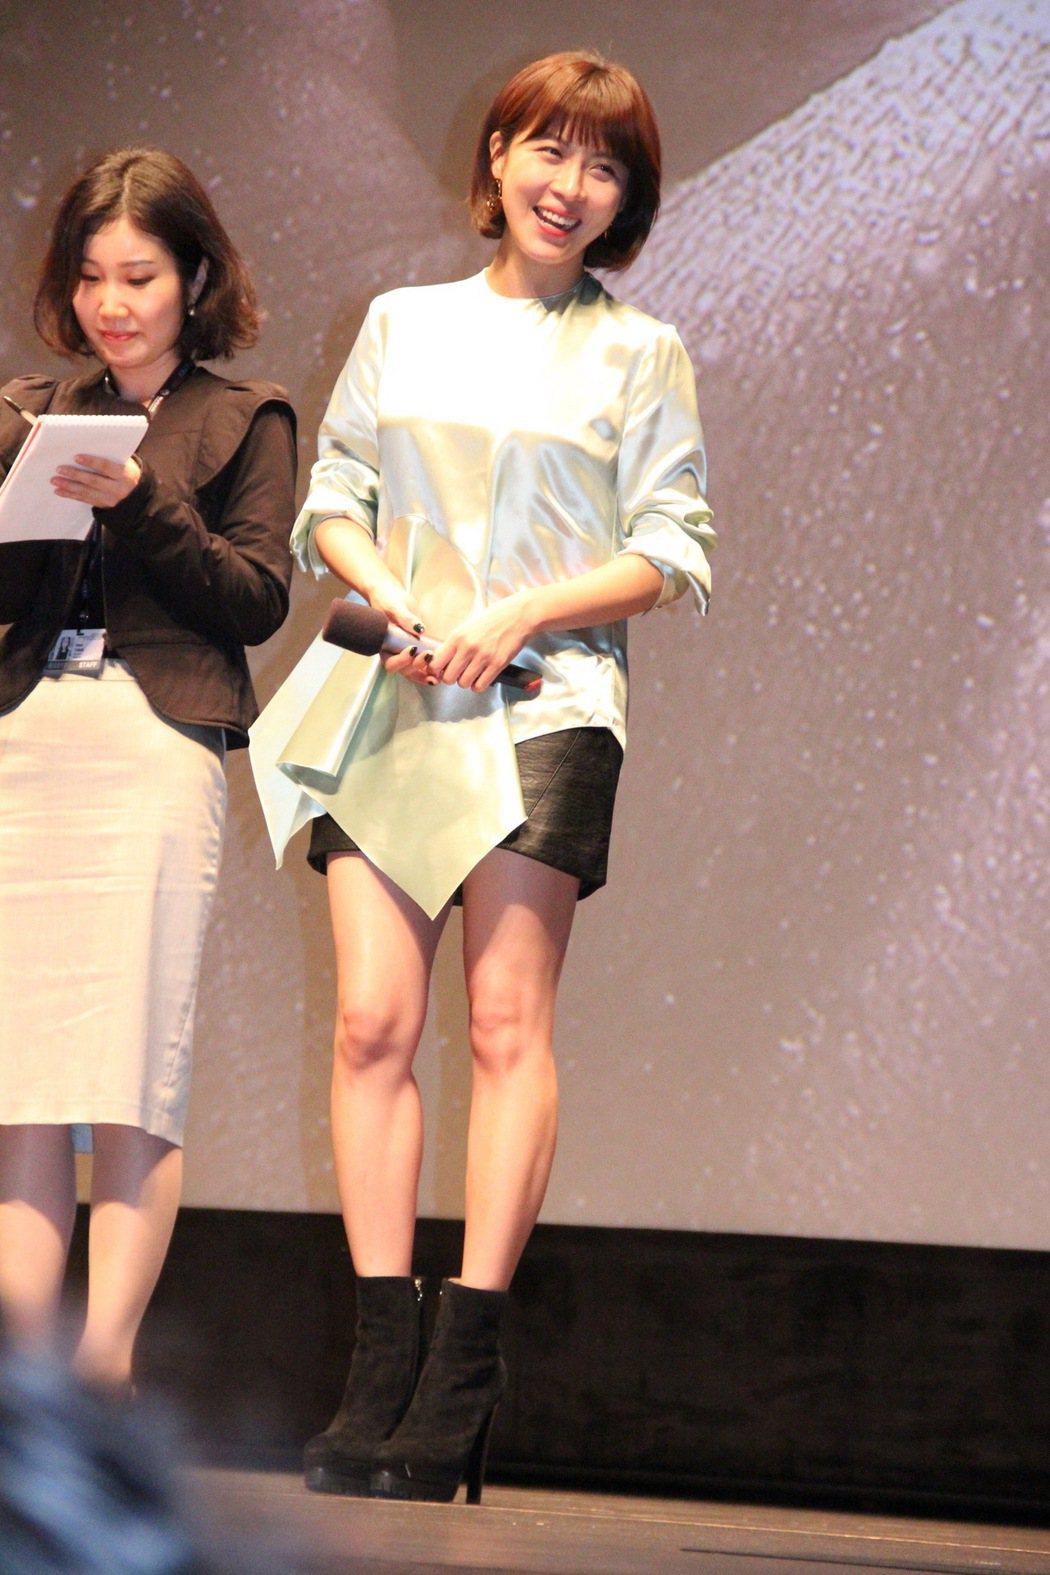 河智苑出席「追捕」釜山影展首映。圖/華映提供